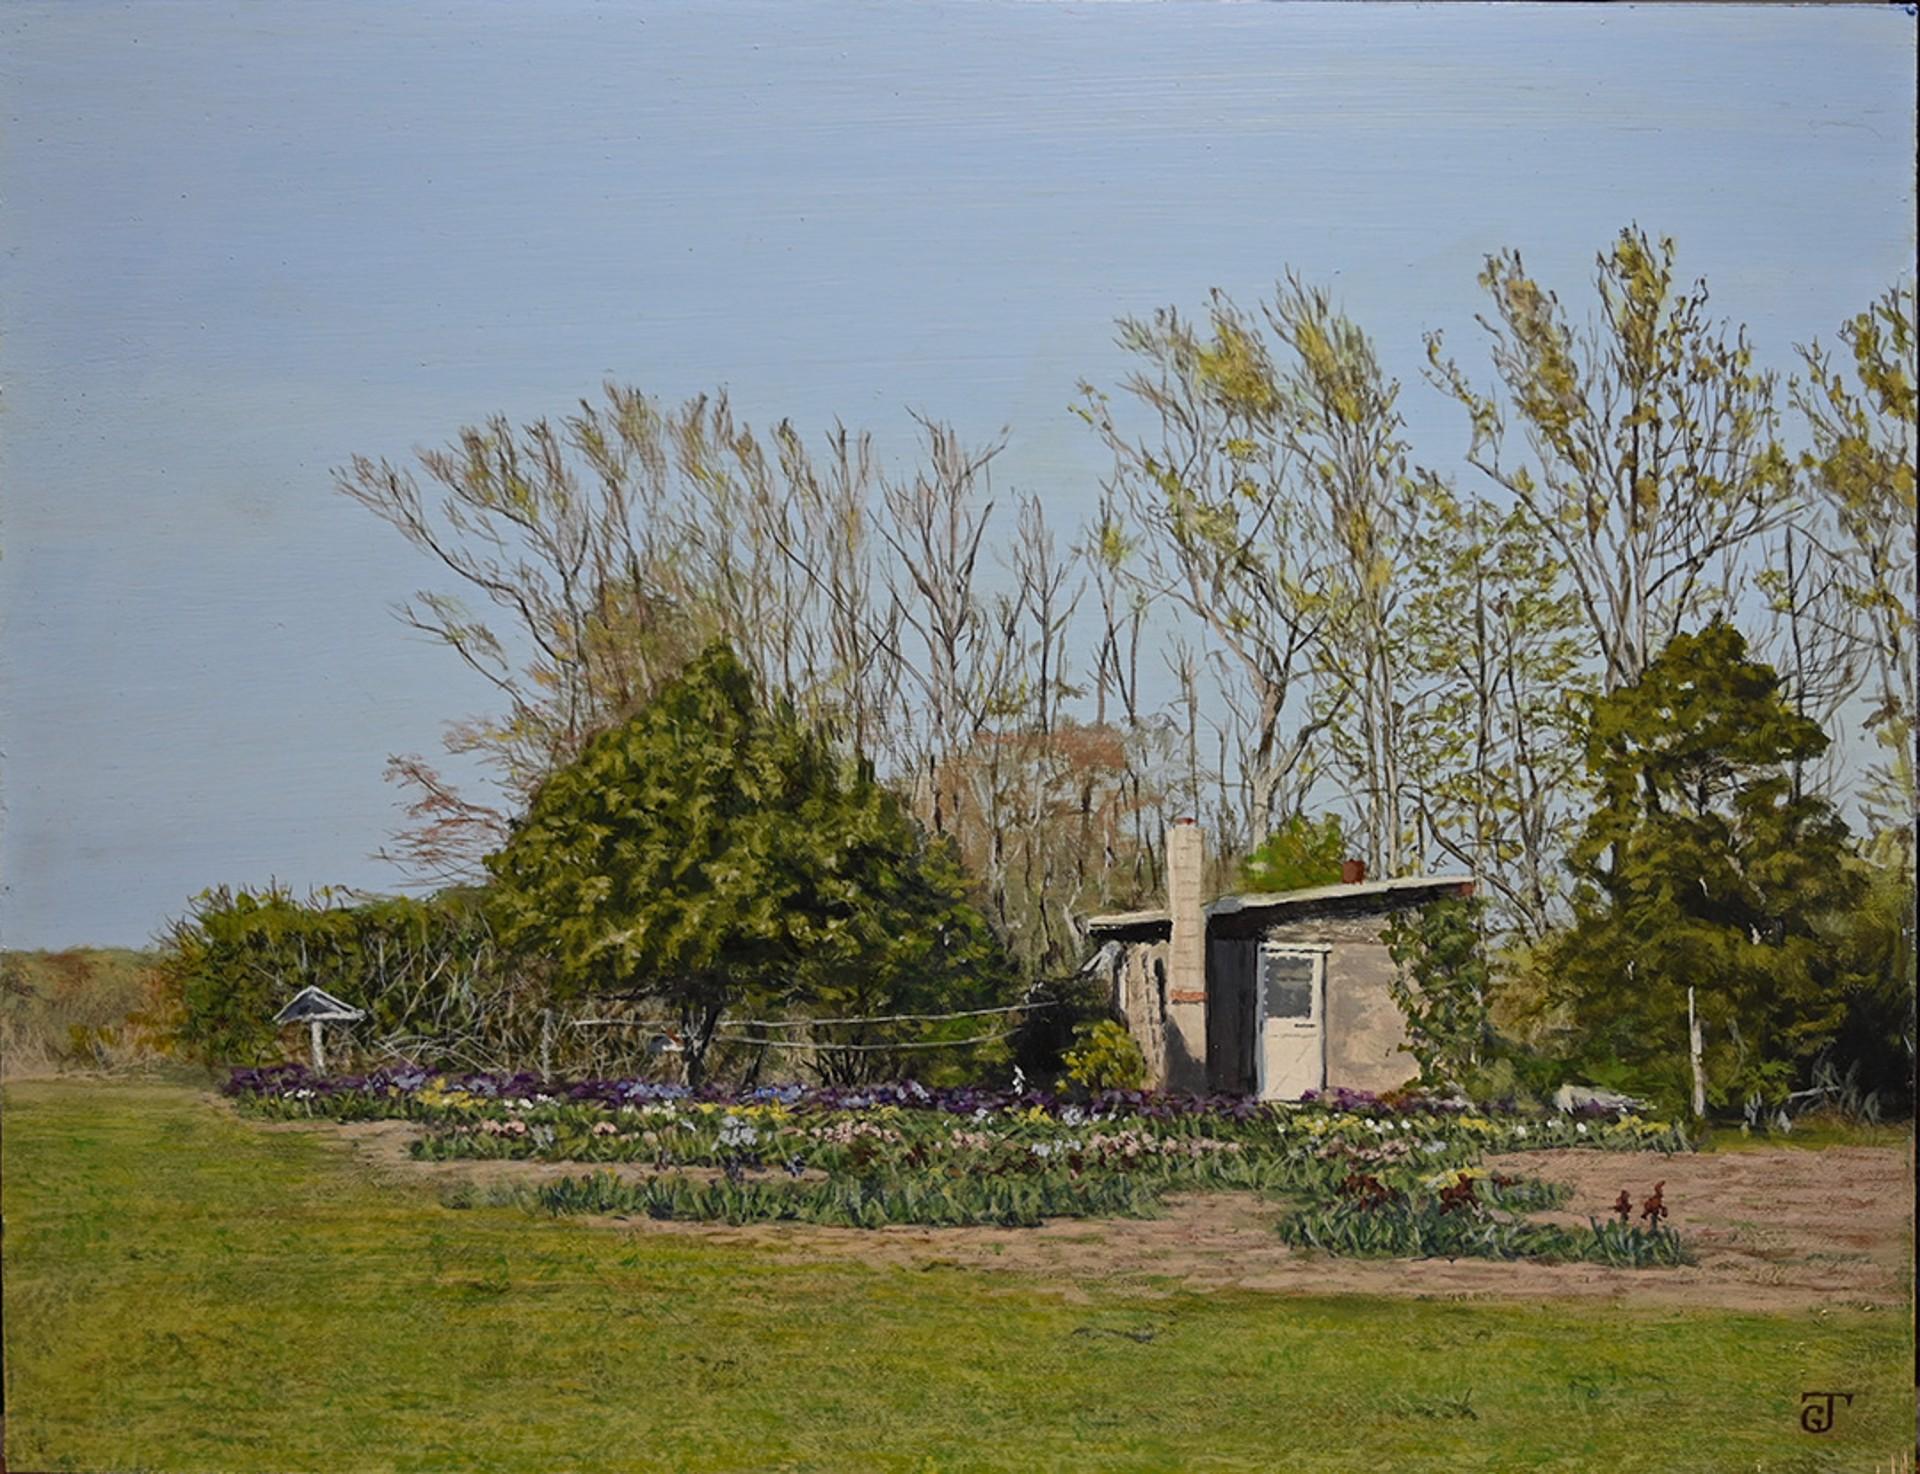 Iris Farm, South Jersey by Jeff Gola